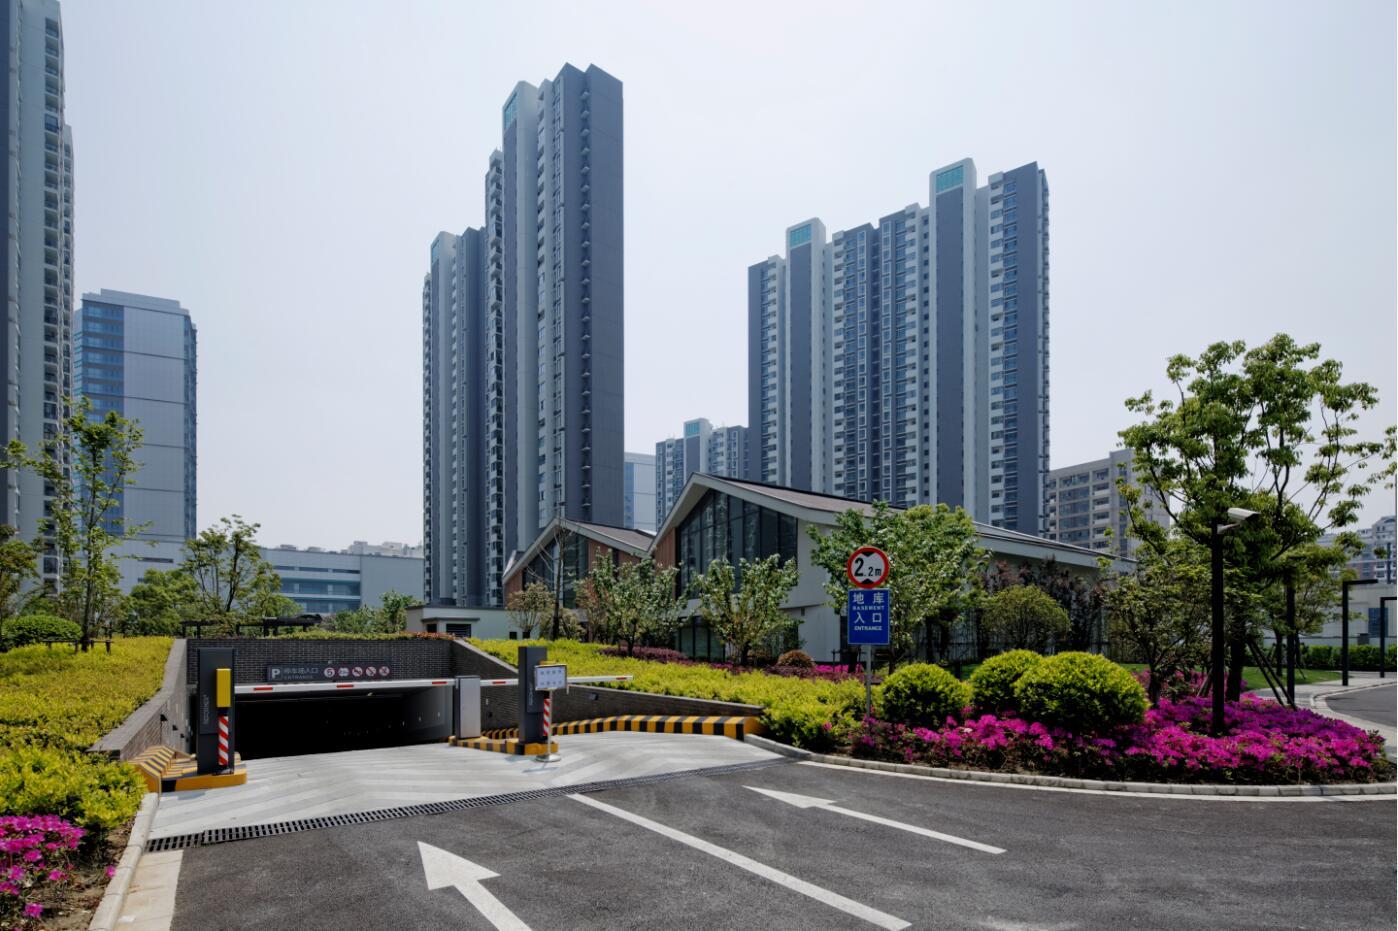 [网摘] 中国百强县市排名(2016) - 十月大哥 - 十月大哥的博客